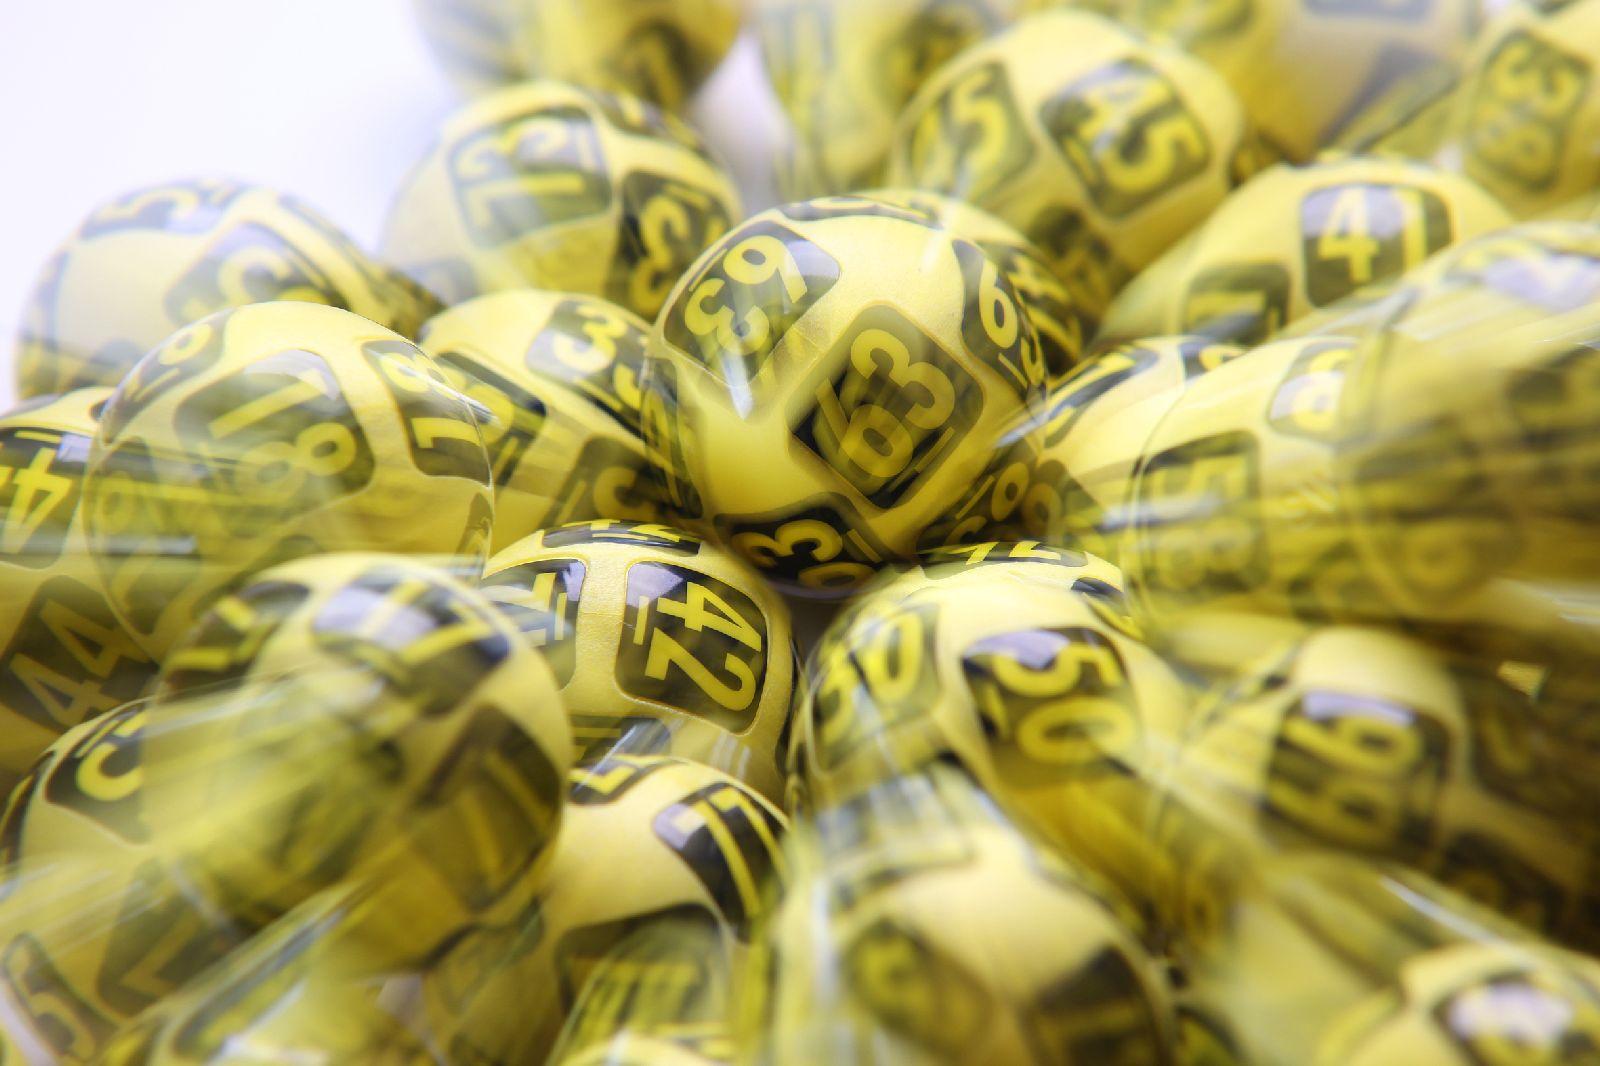 Čechům by stačilo vyhrát 10 milionů